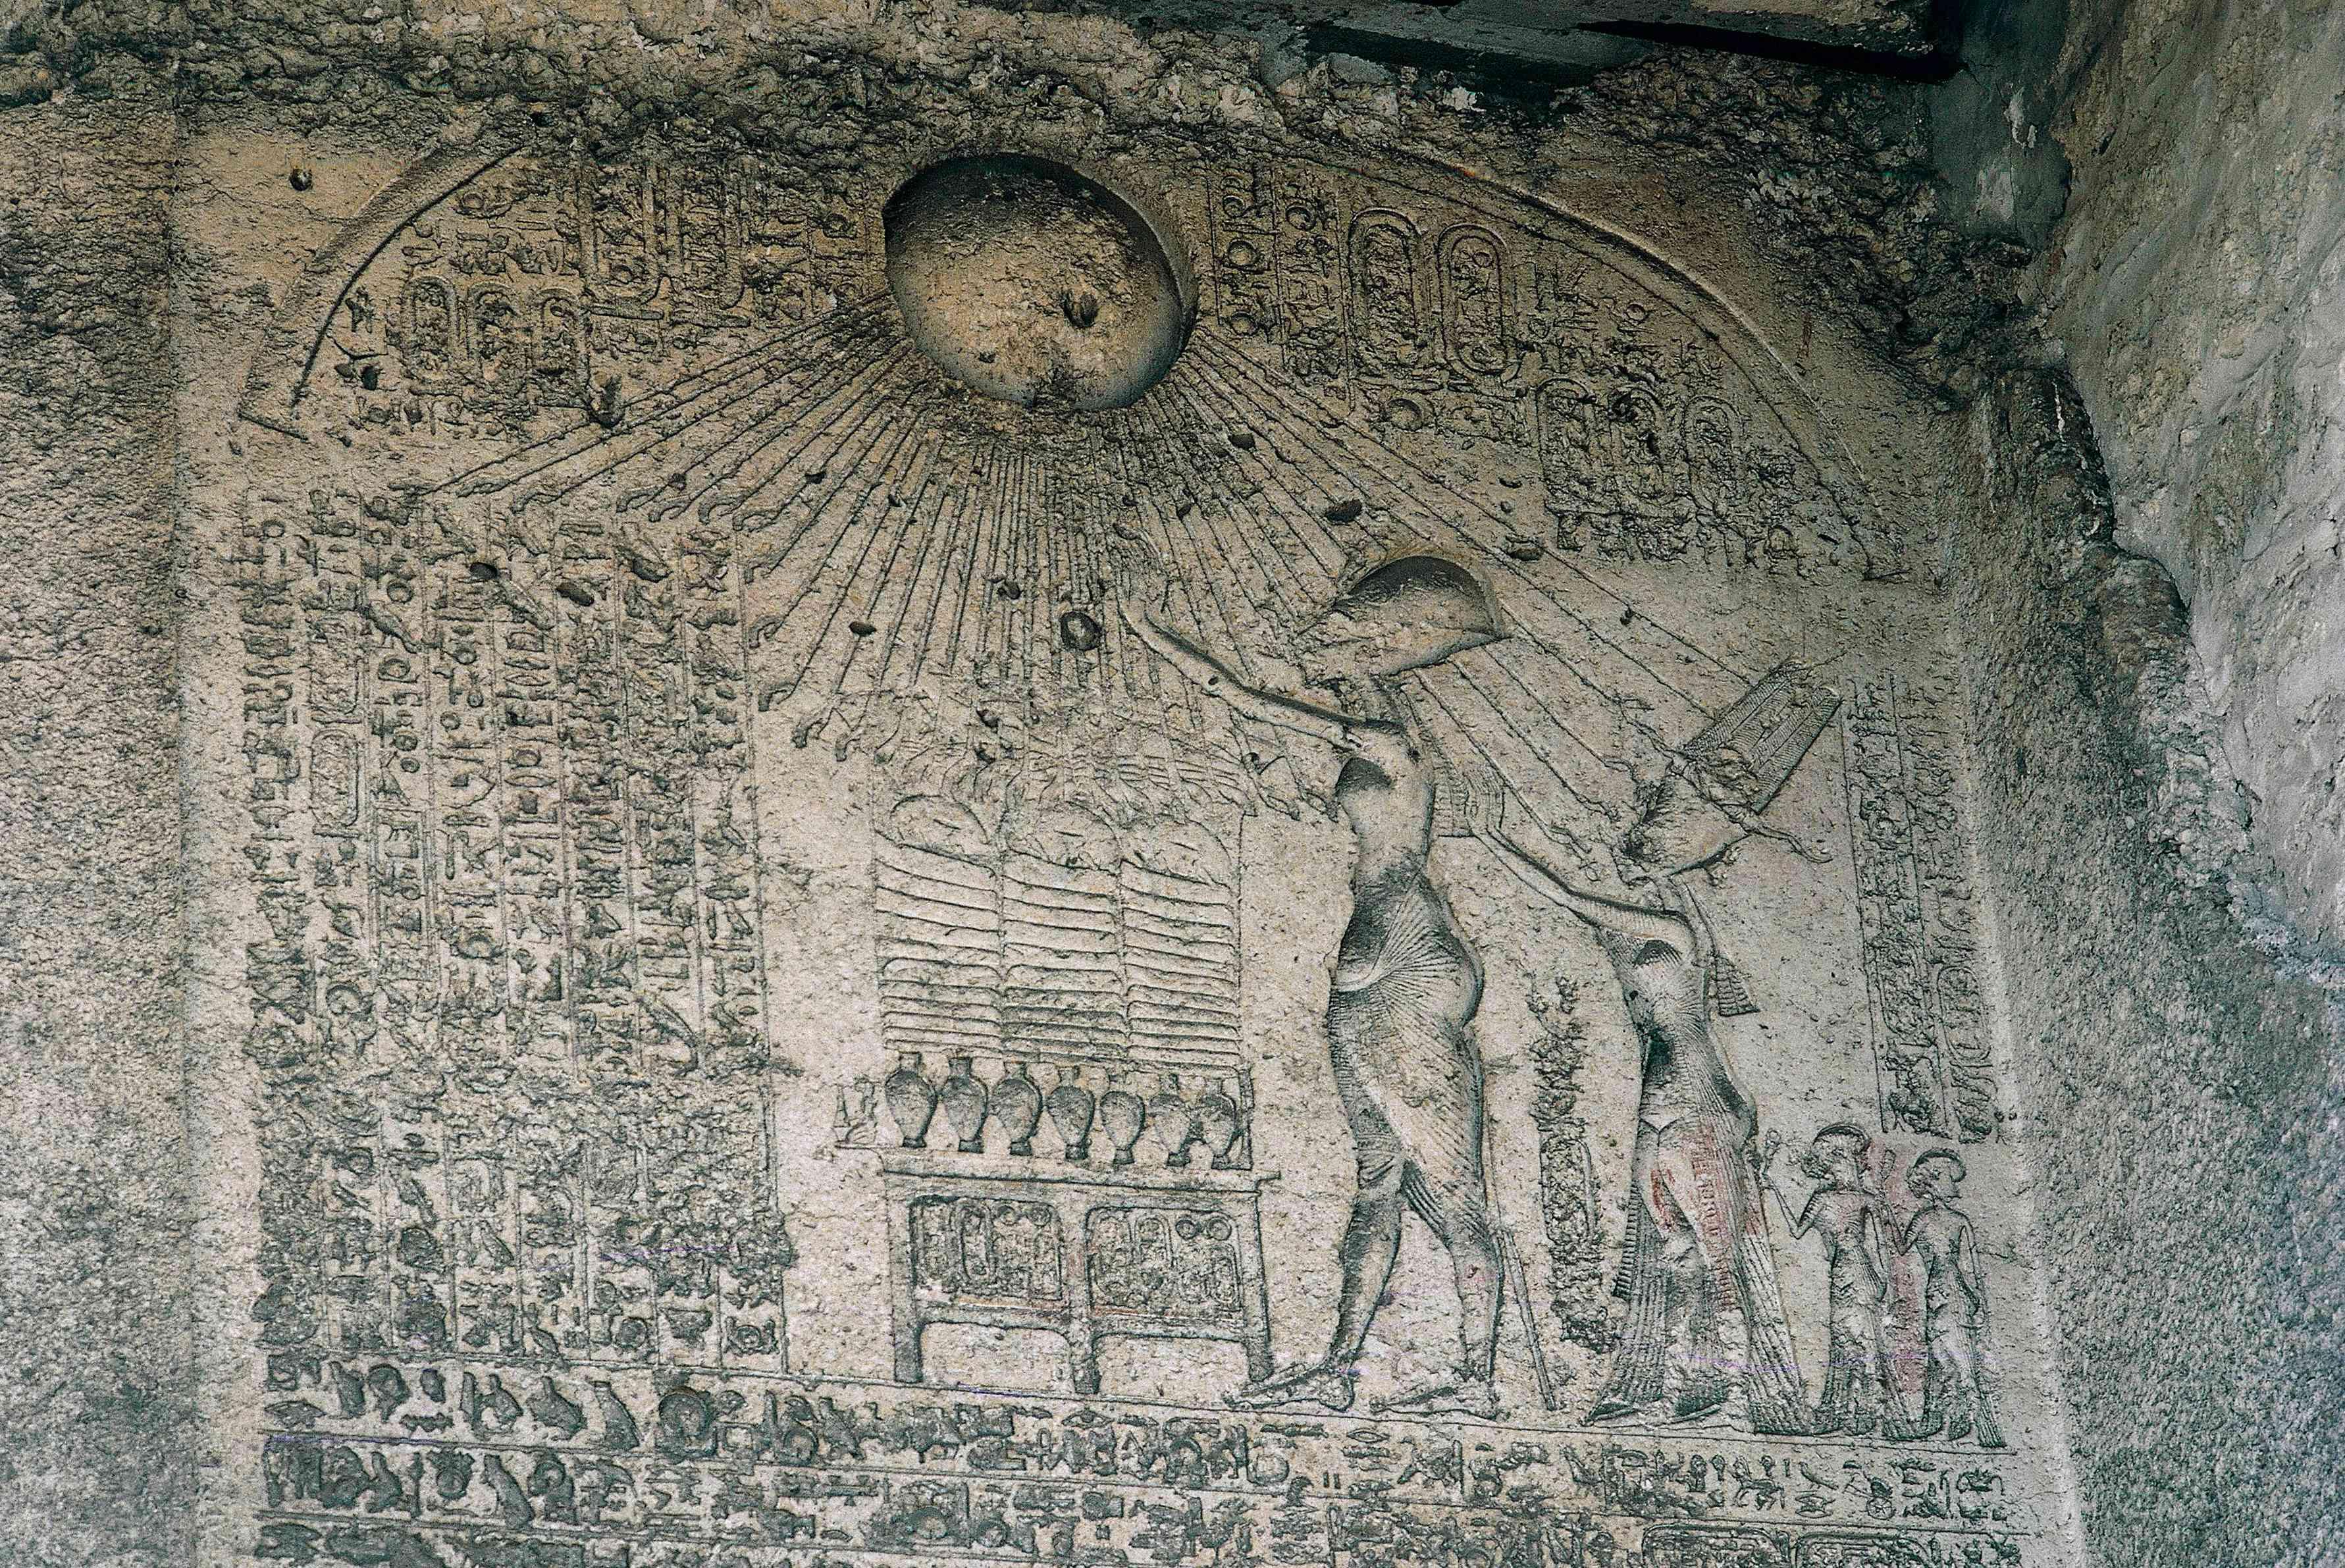 Akhenaten and Nefertiti at Amarna